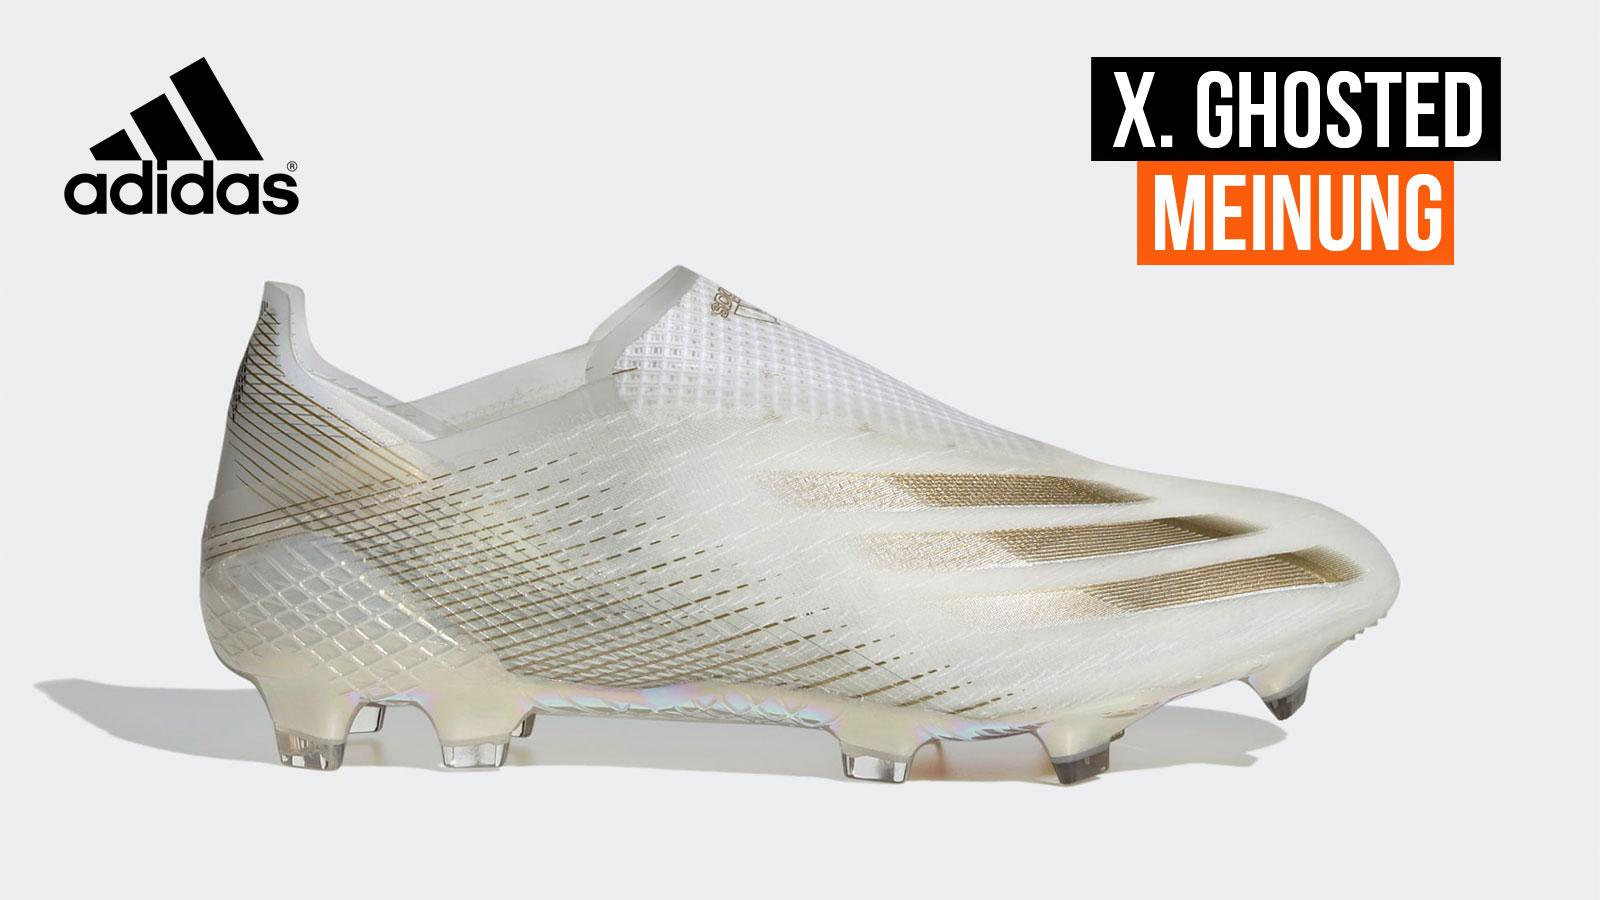 Die adidas X Ghosted mit dem X+ und X1